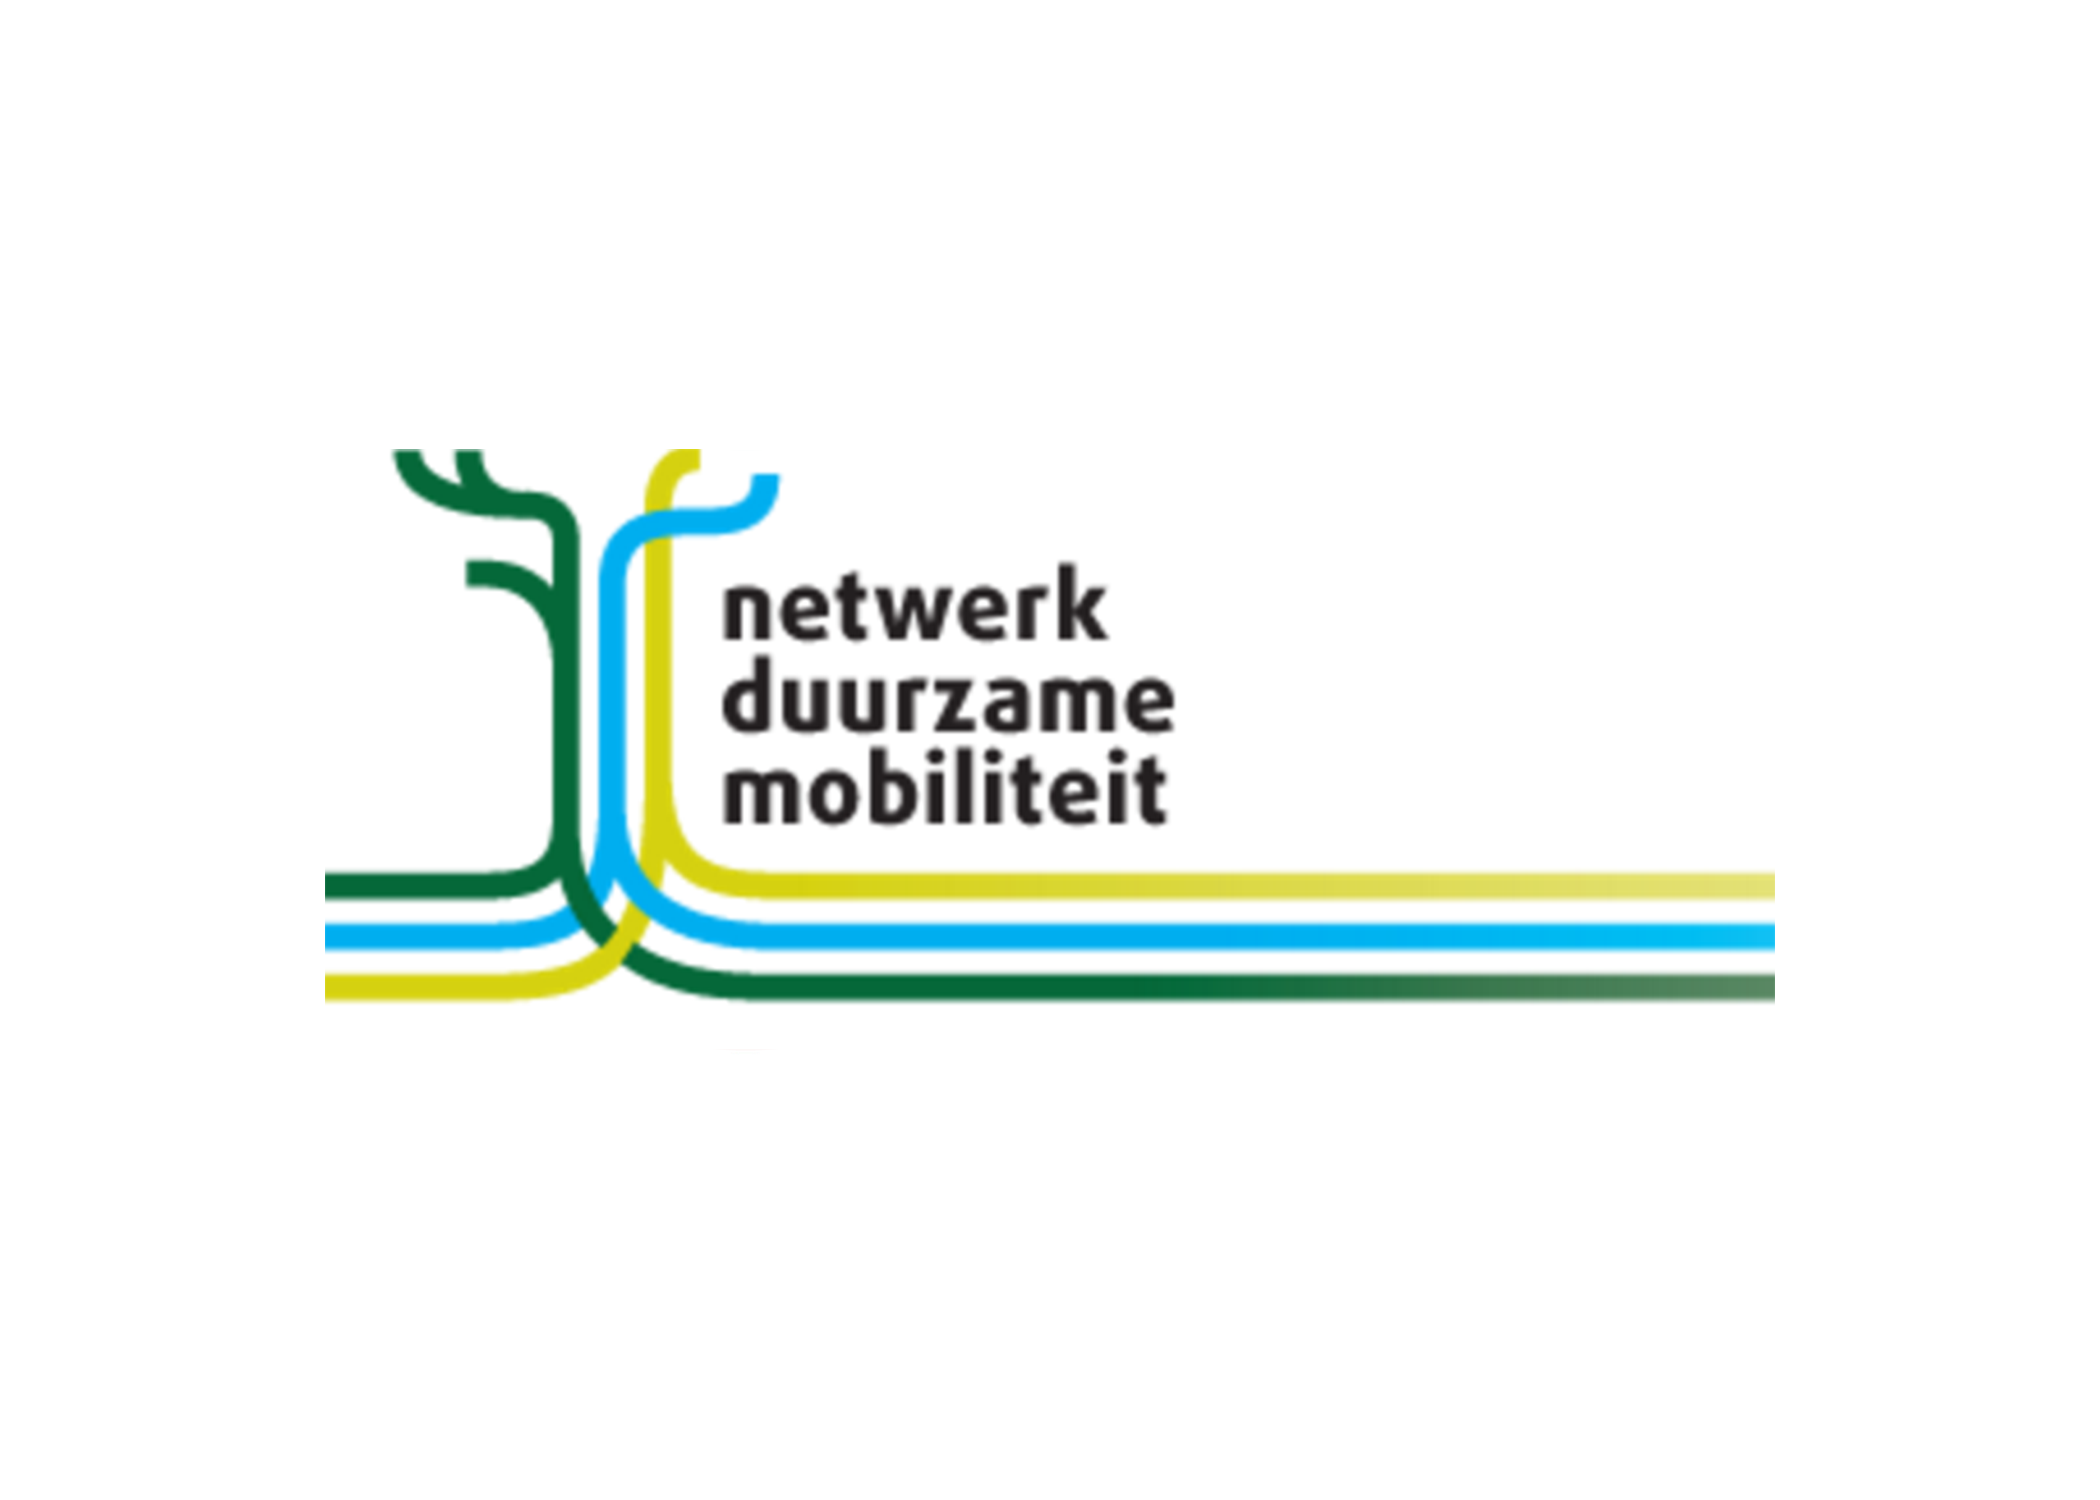 netwerk duurzame